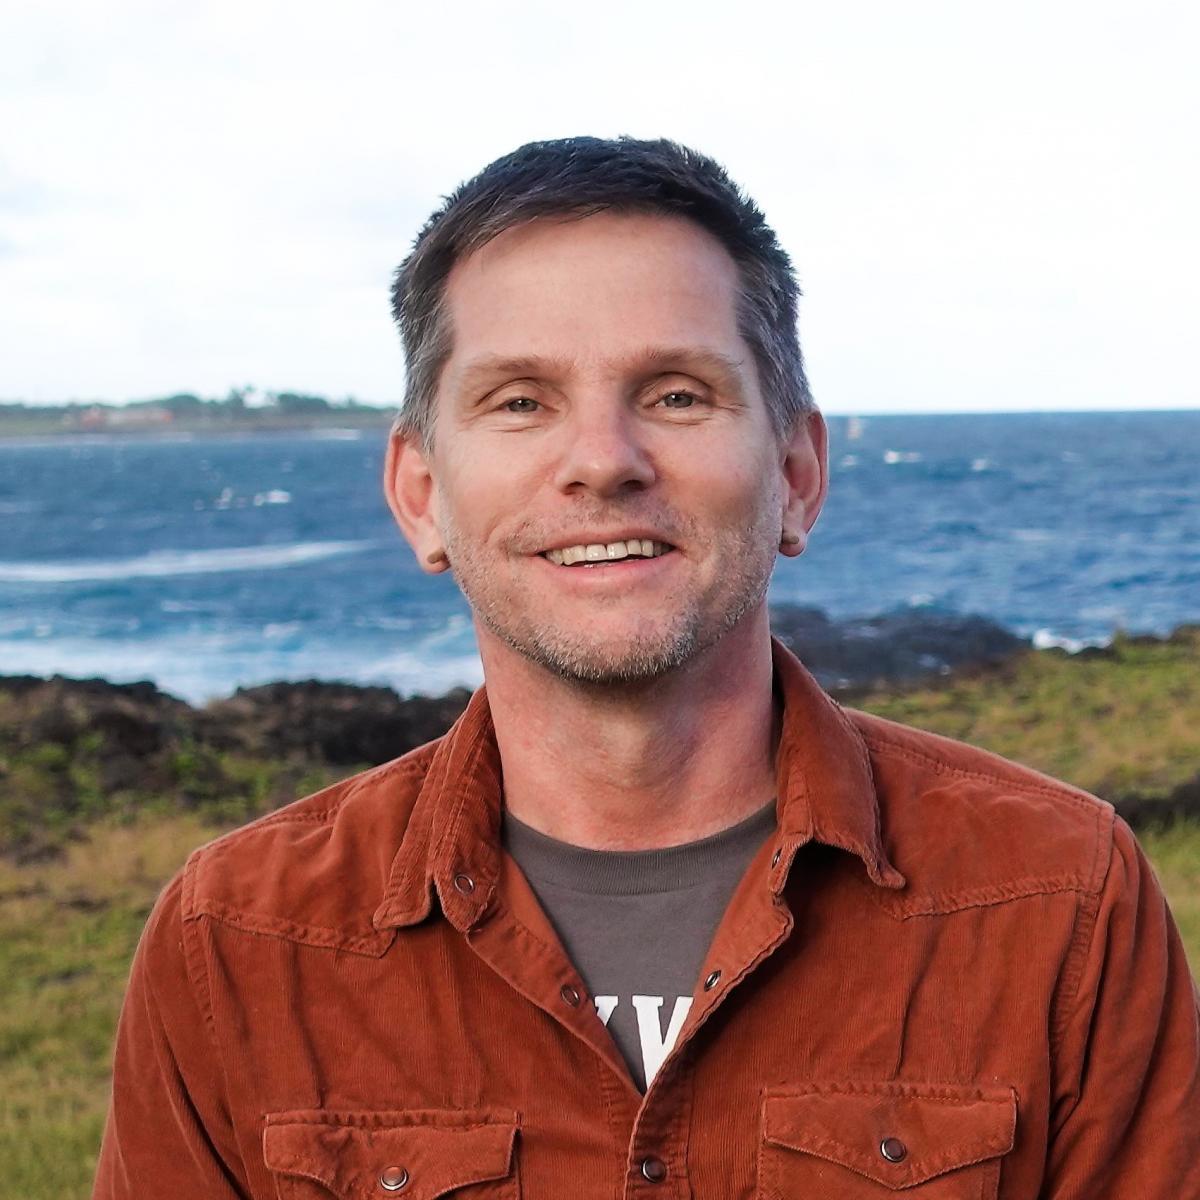 James R. Welch